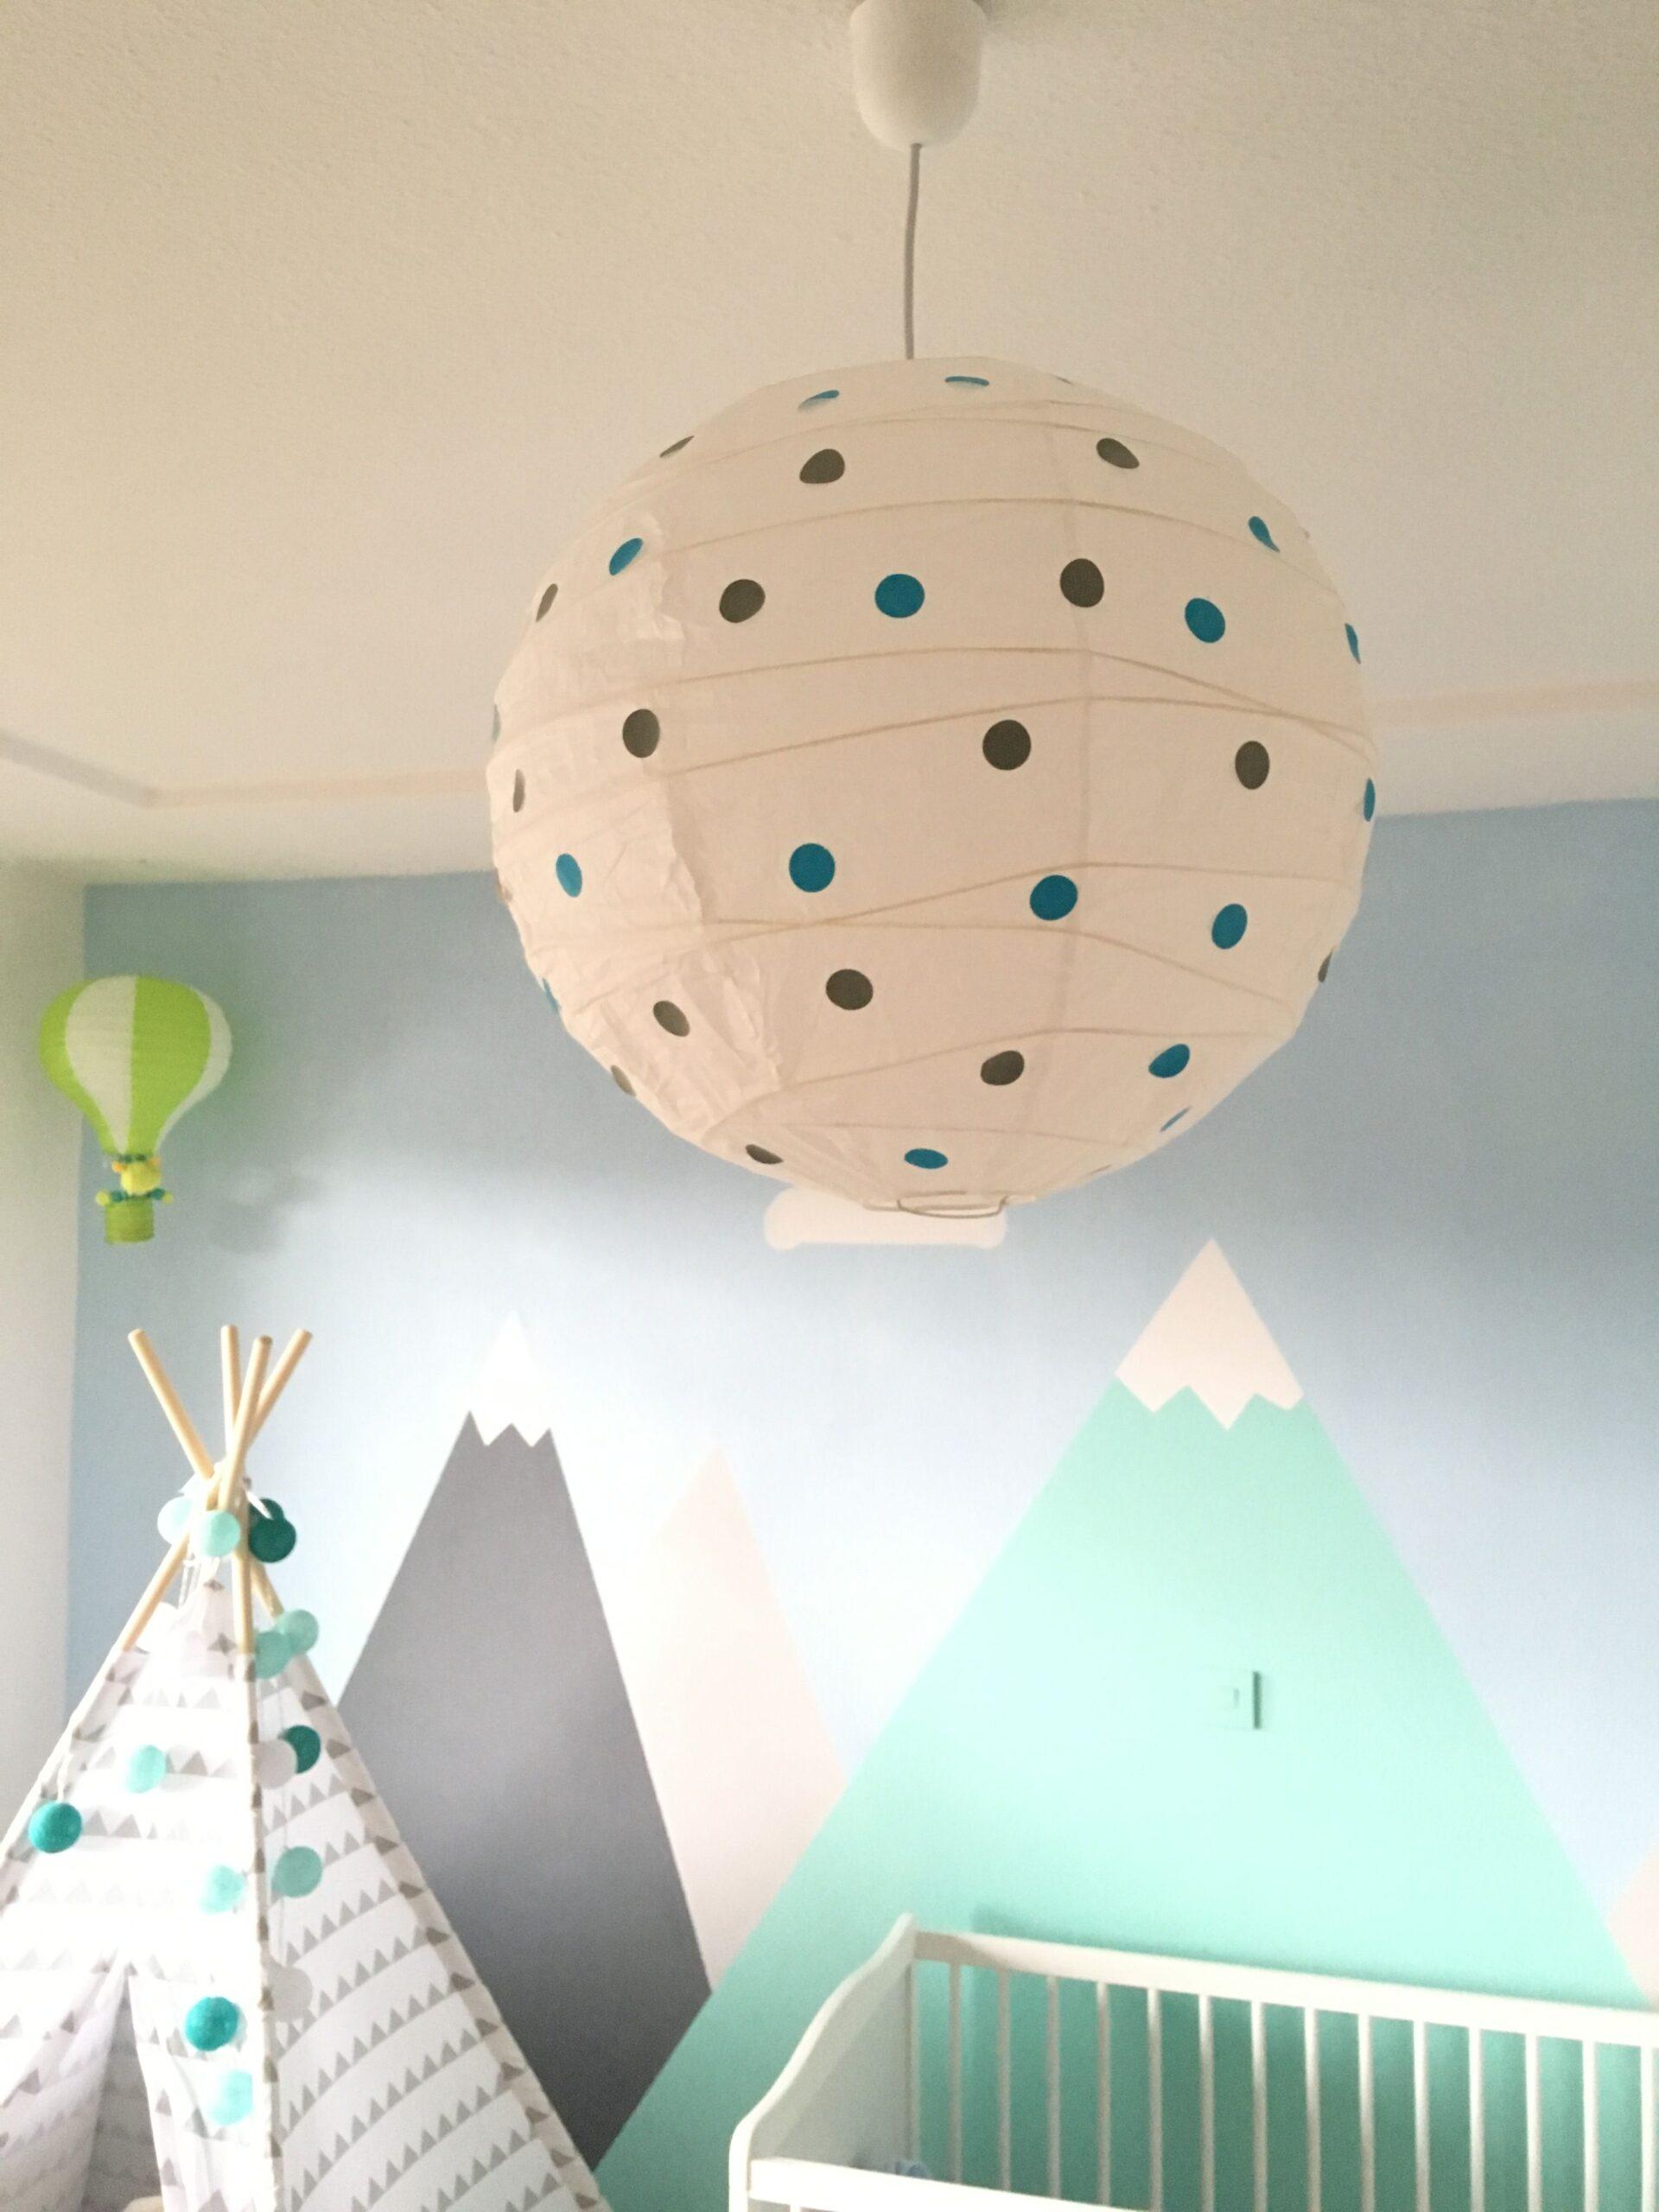 Full Size of Deckenlampen Kinderzimmer Lampe Idee Kinderzimmerlampe Deckenlampe Punkte Wohnzimmer Regale Sofa Regal Für Modern Weiß Kinderzimmer Deckenlampen Kinderzimmer